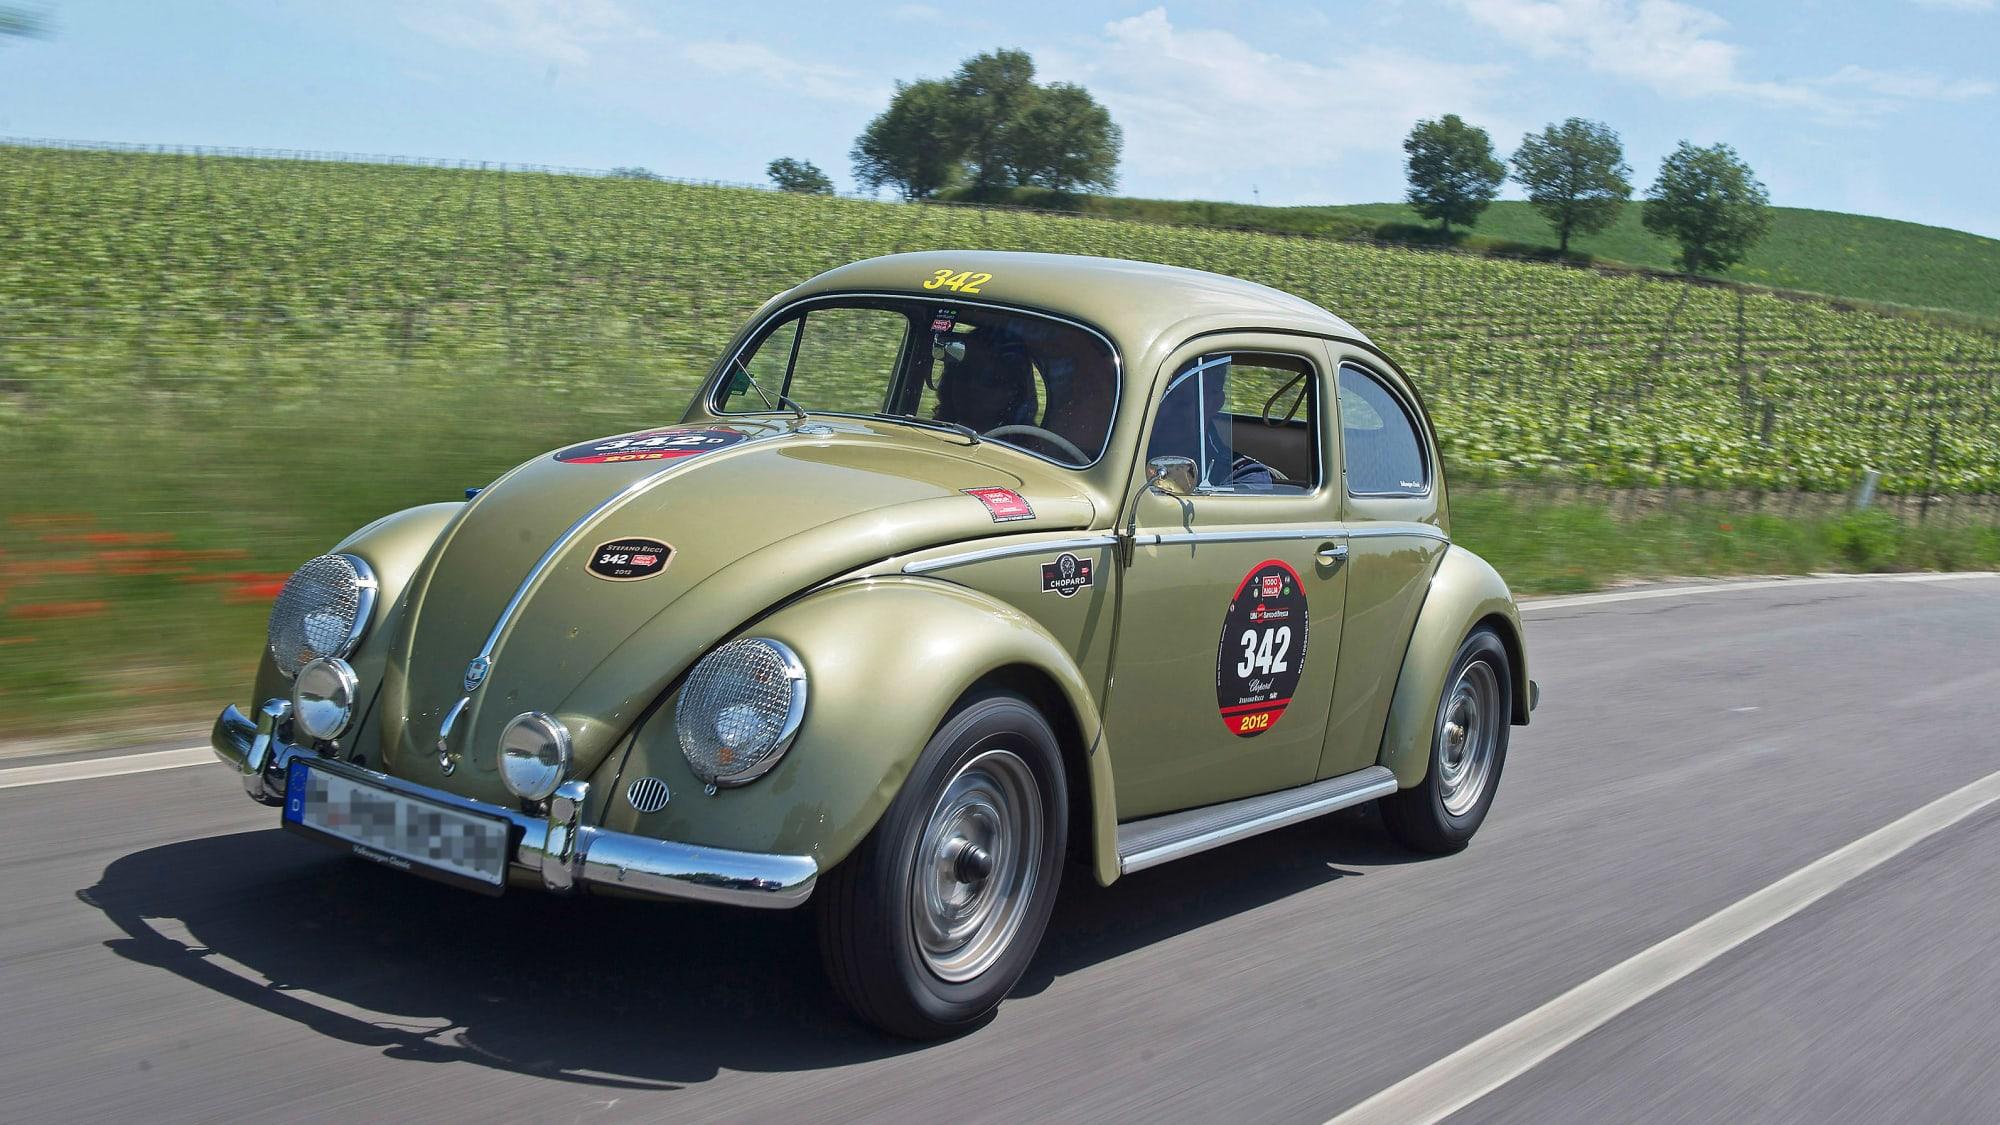 Grüner VW Käfer fährt auf einer Straße